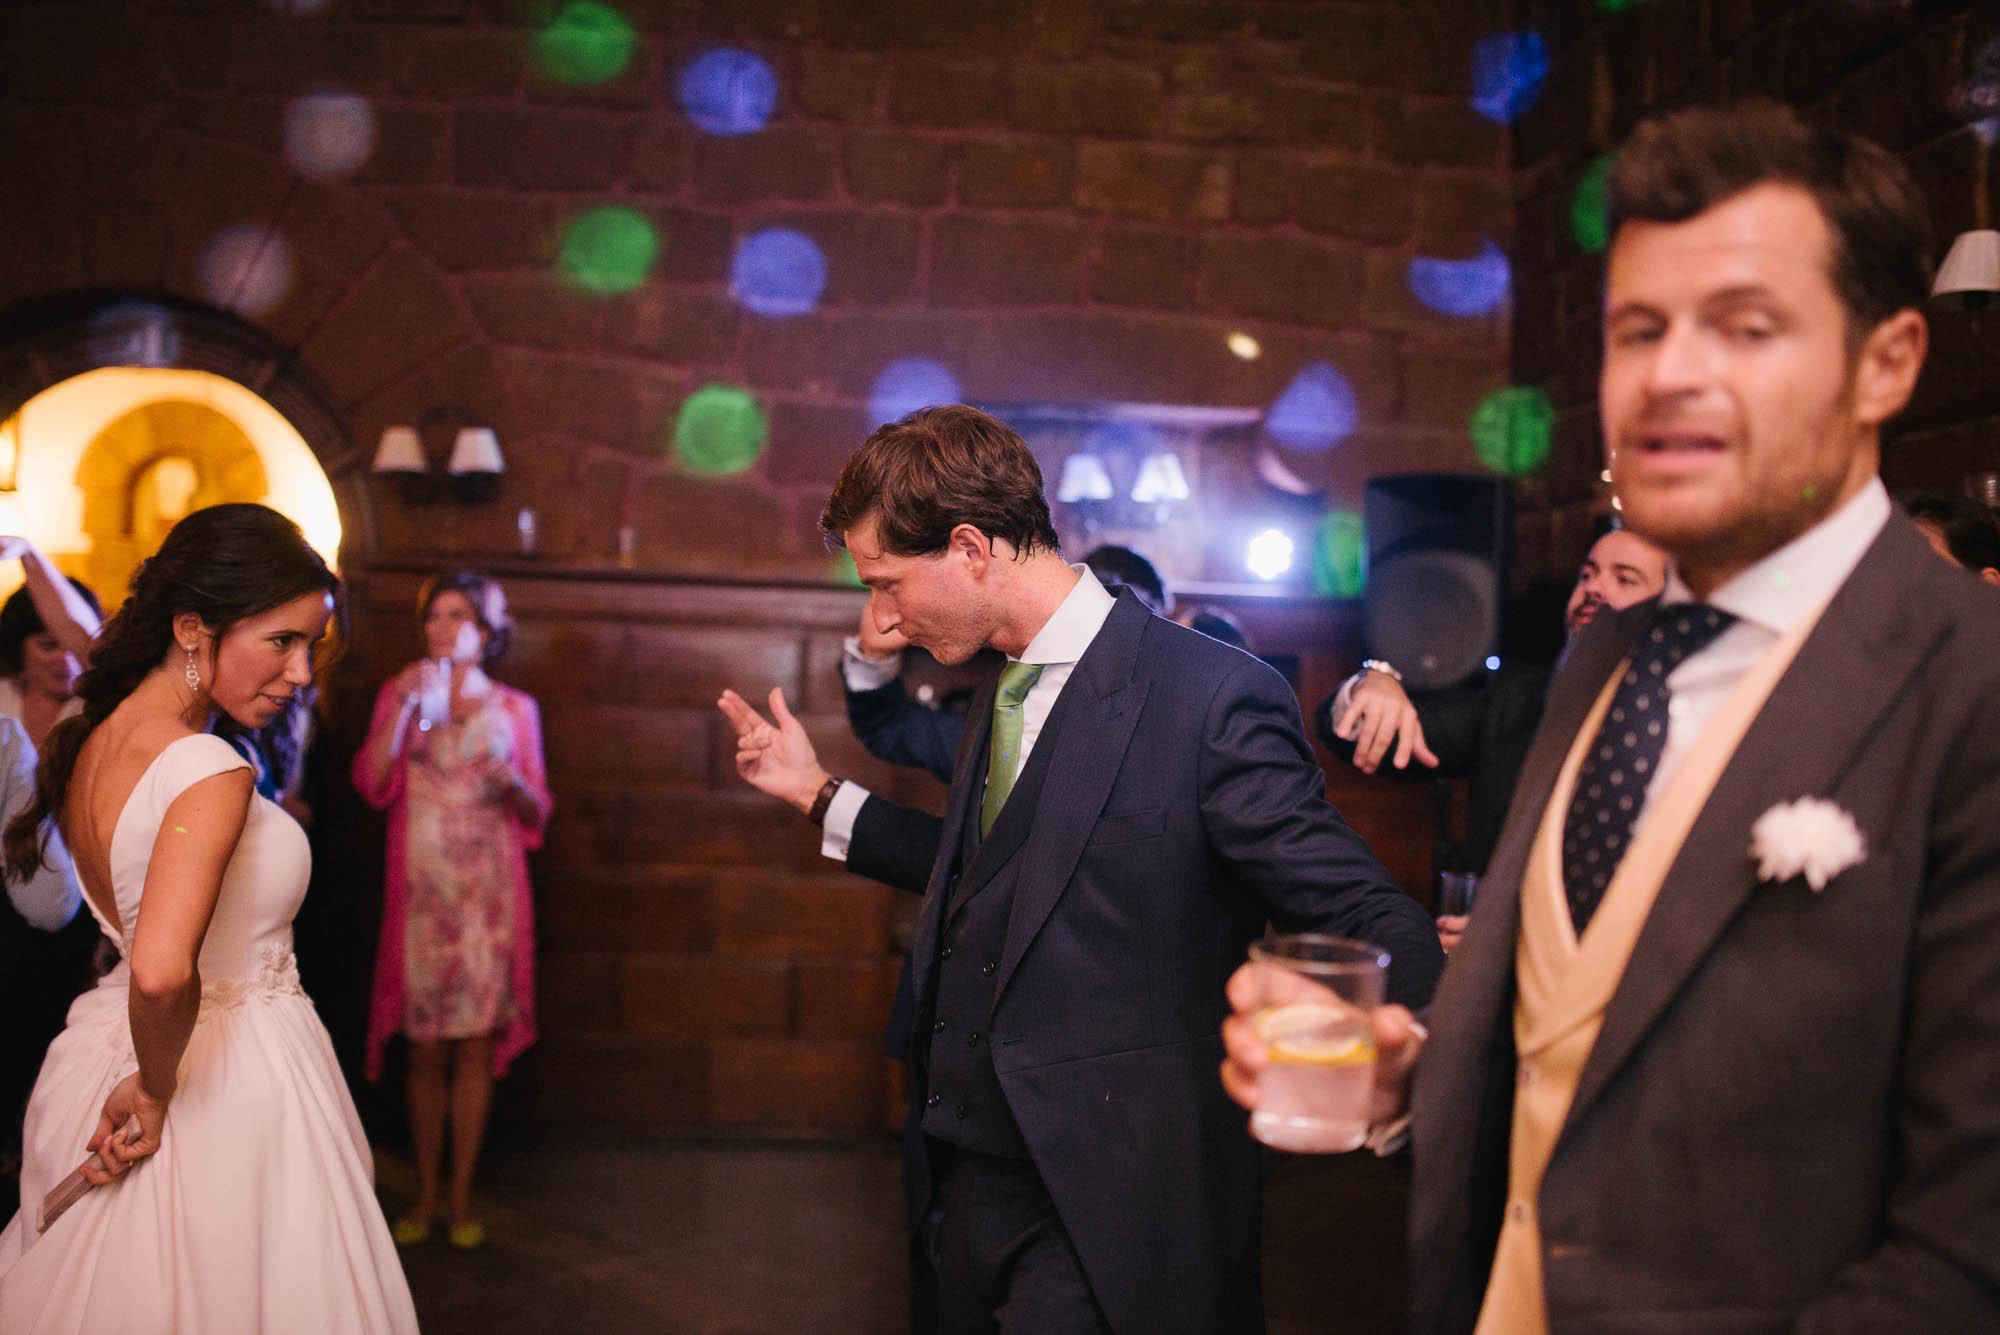 El novio y la novia bailan en la fiesta de noche